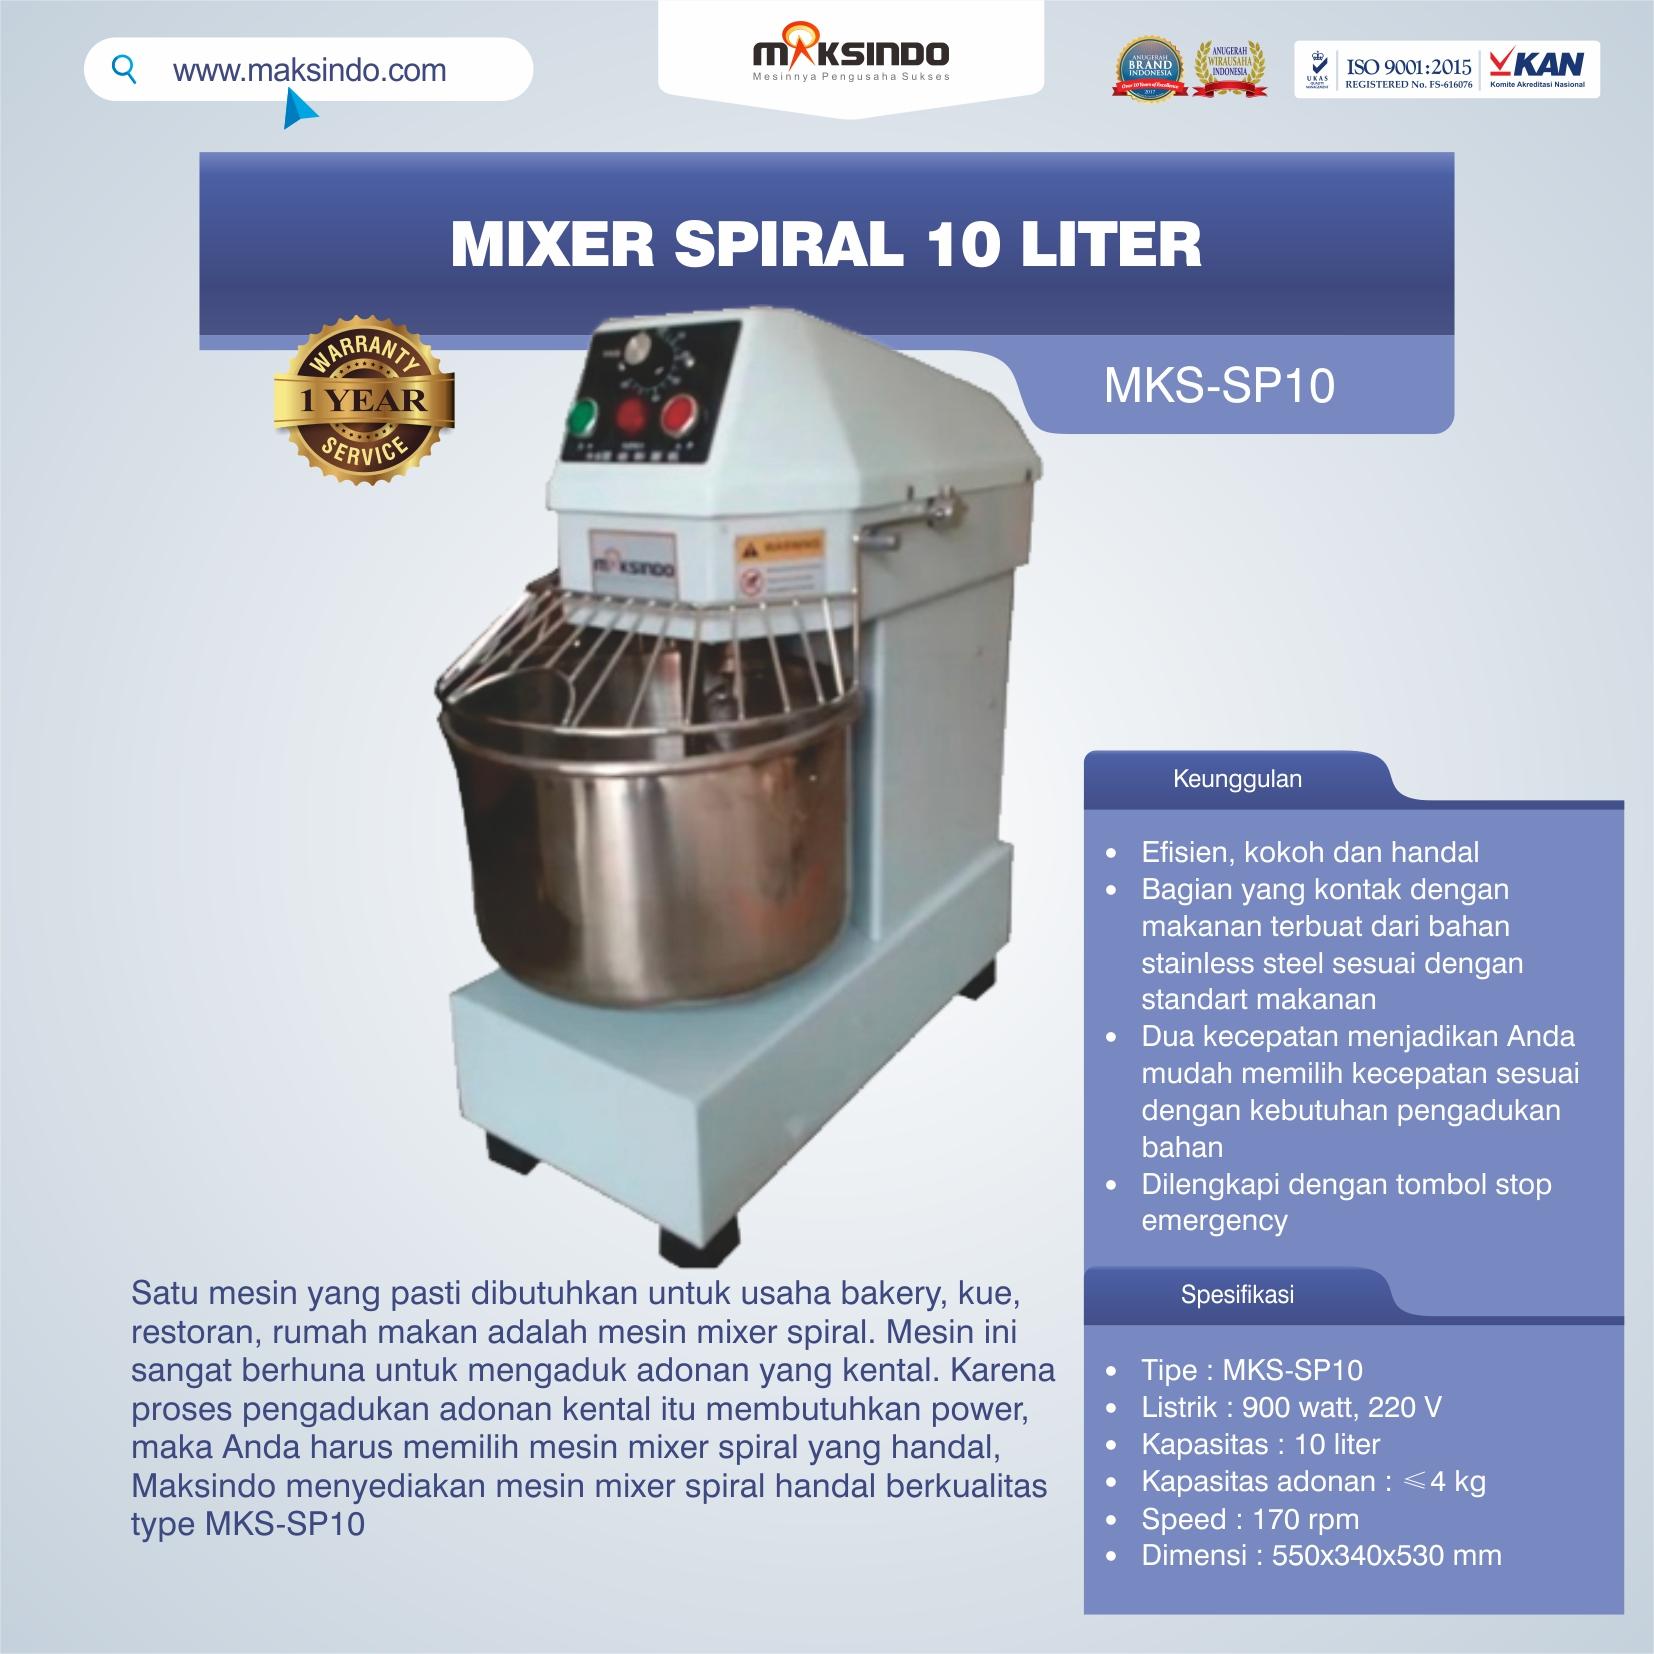 Jual Mixer Spiral 10 Liter (MKS-SP10) di Banjarmasin